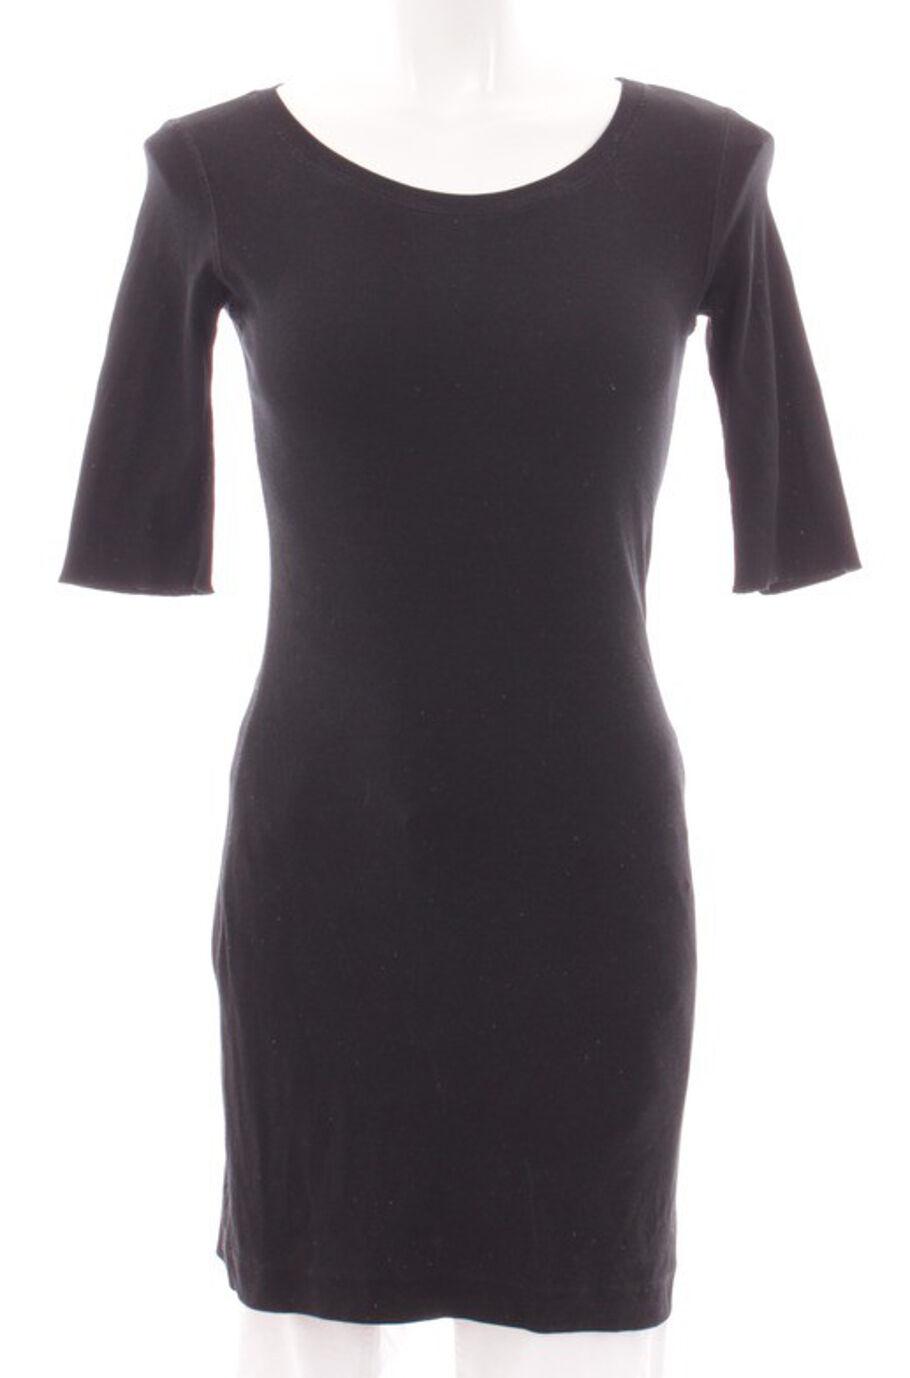 Sommerkleid schwarz S Marc Cain Sports Jerseykleid Strickkleid Kleid LangeHemd